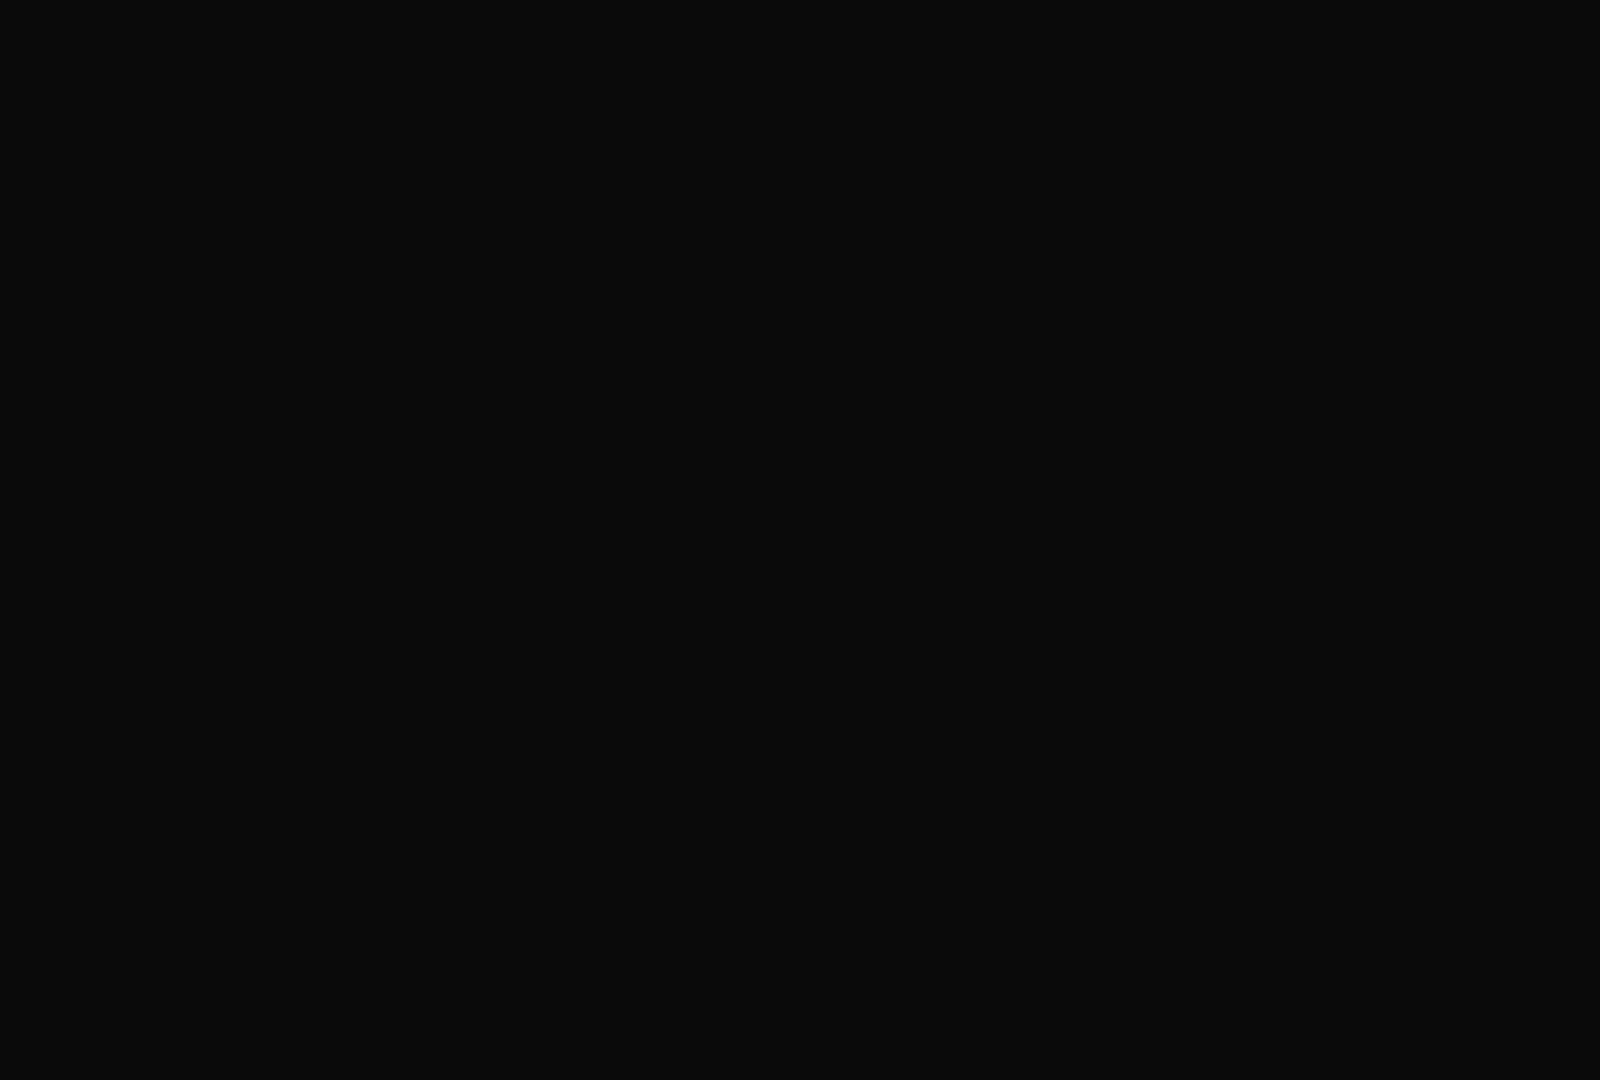 充血監督の深夜の運動会Vol.61 おっぱい  102画像 48